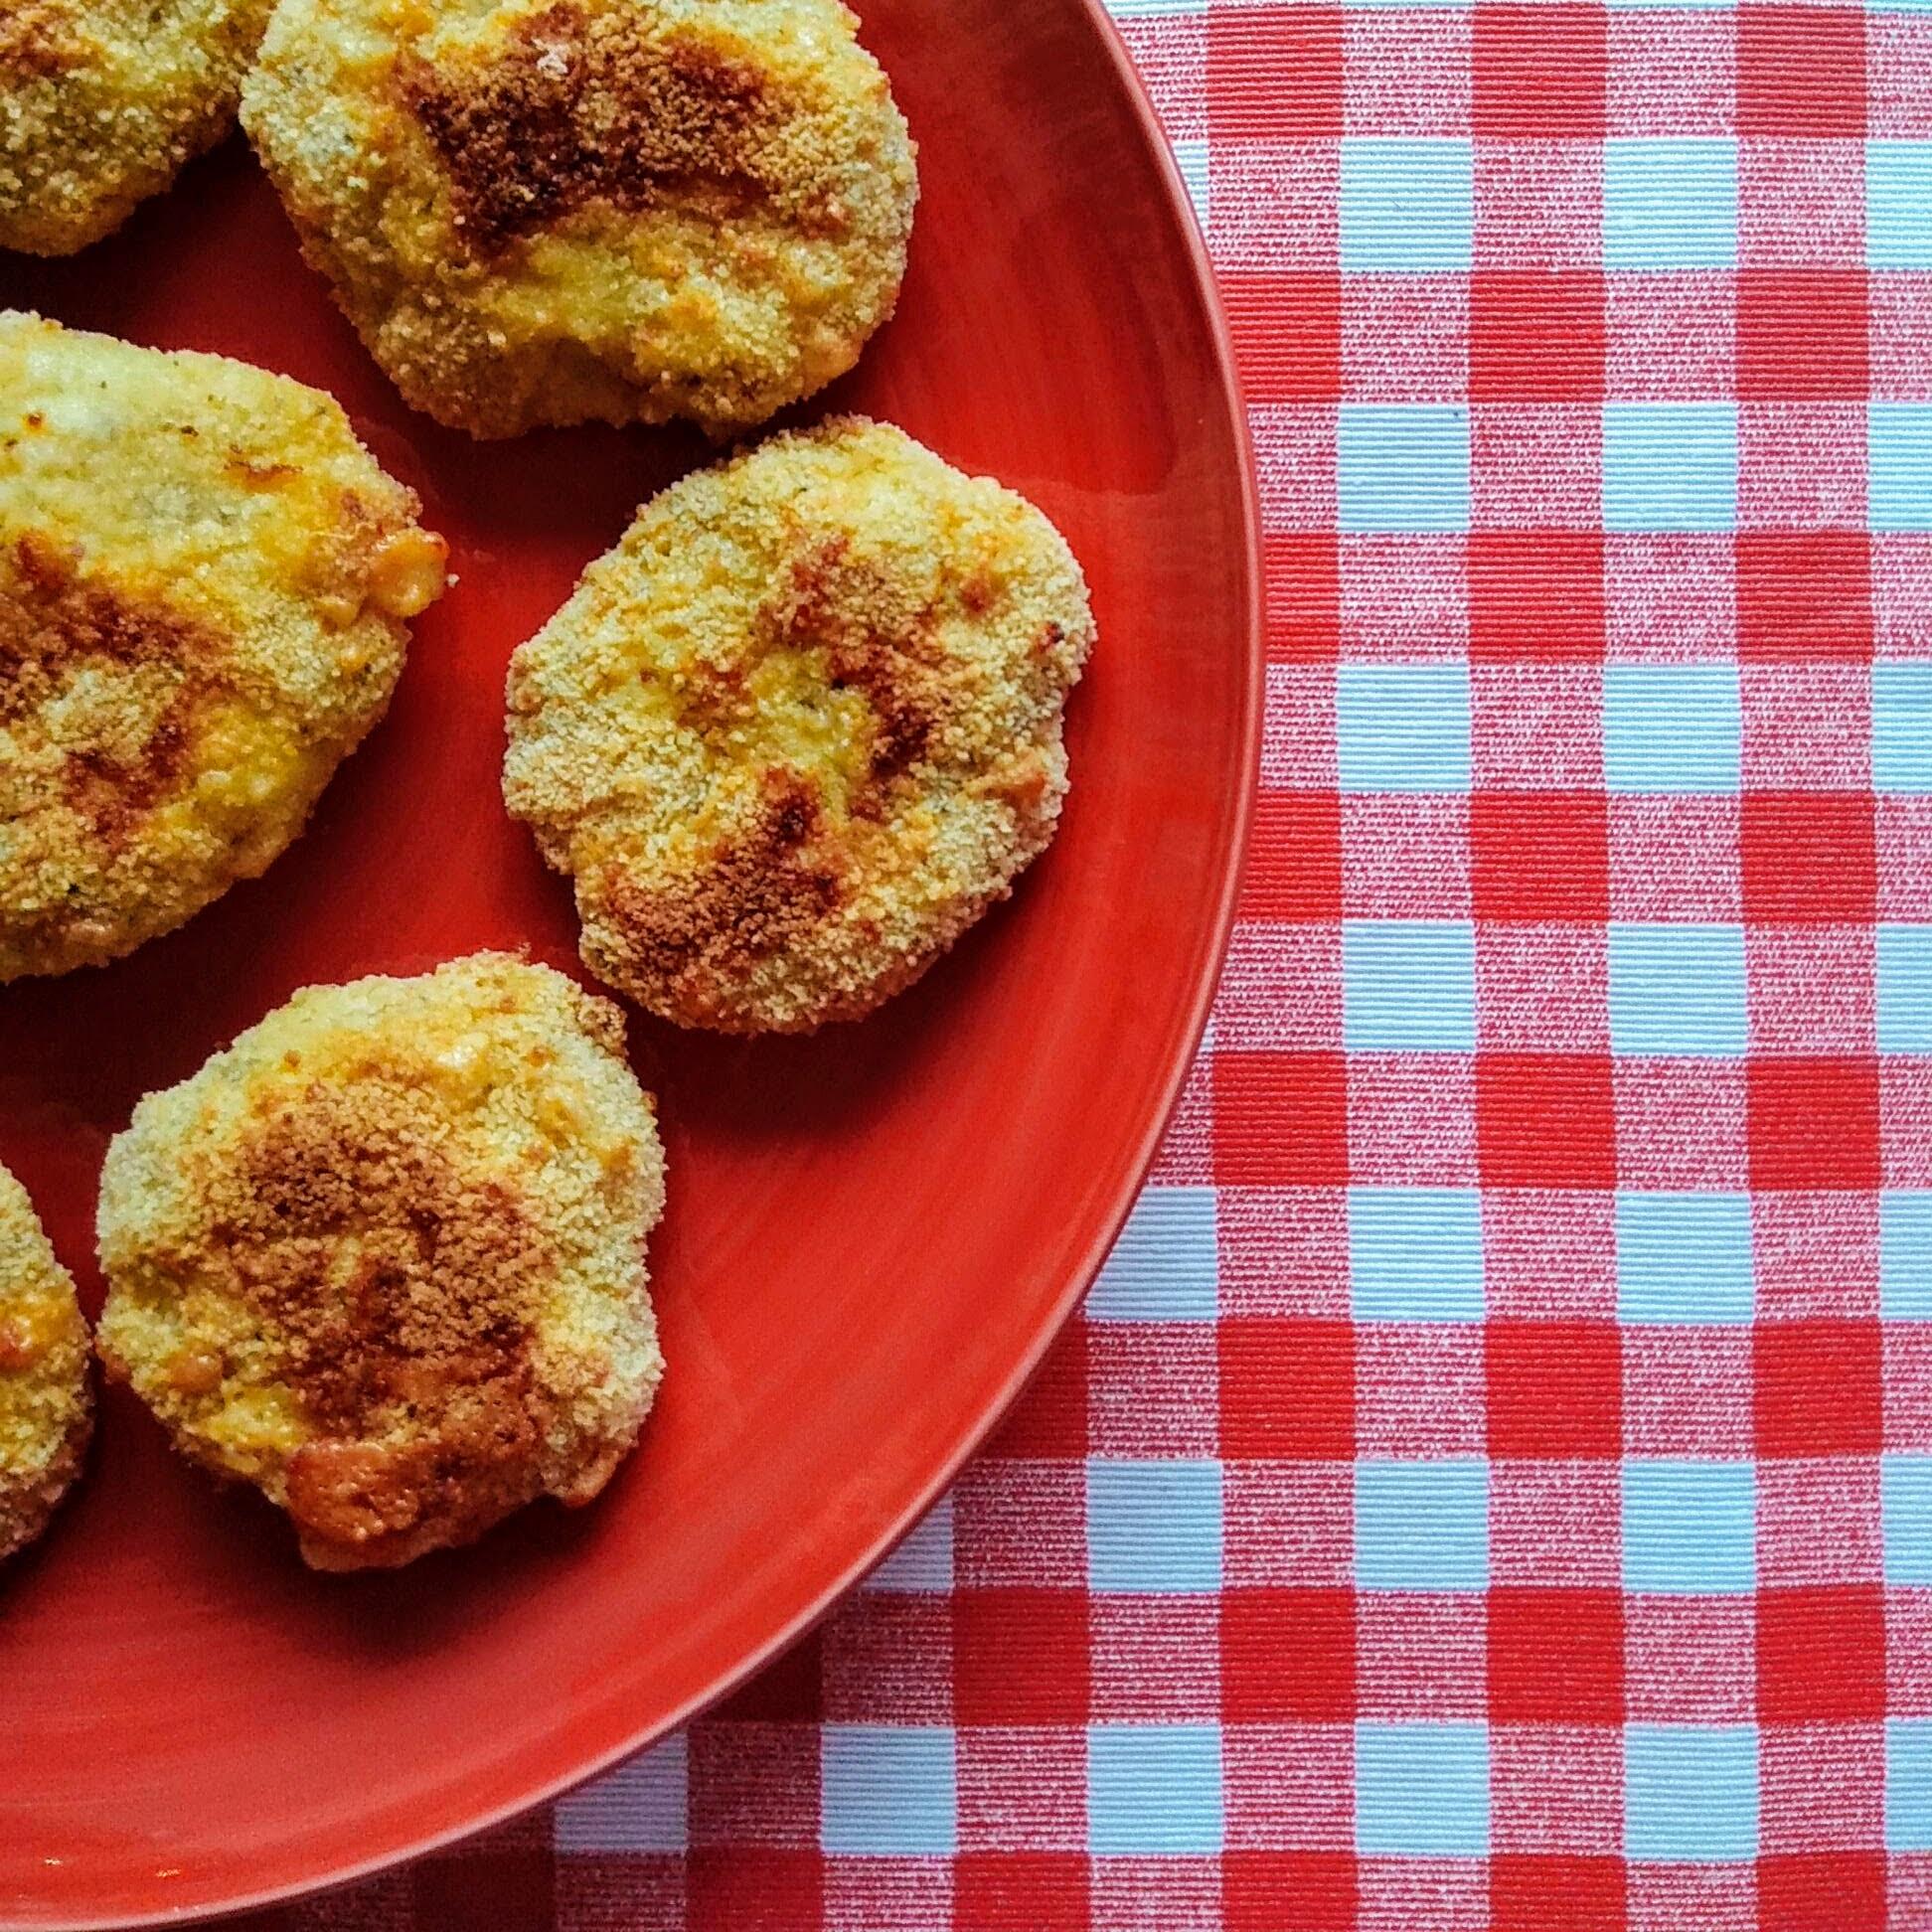 Receta fácil de nuggets de pollo saludables. Descúbrela en: www.cocinandoconlola.com